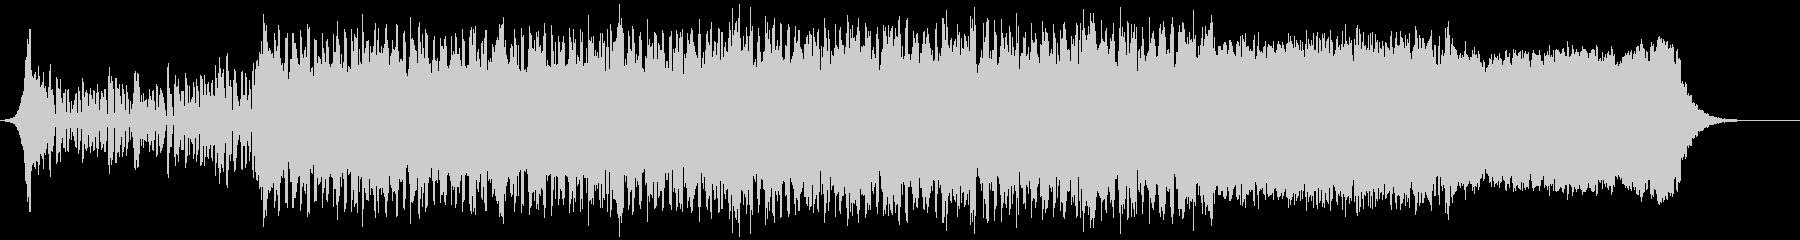 キラキラしたポップな音楽の未再生の波形